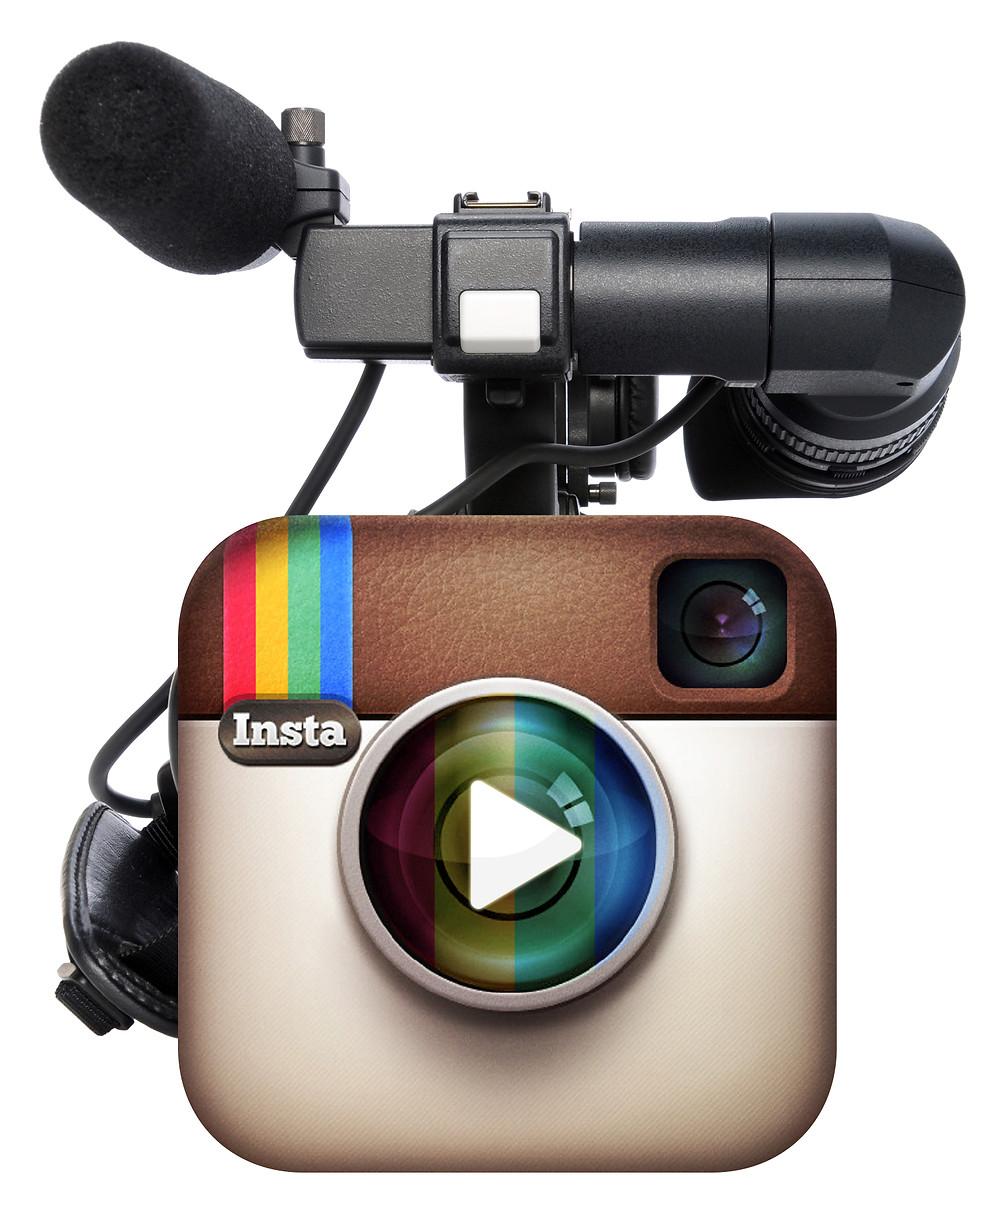 vídeo maiores no Instagram